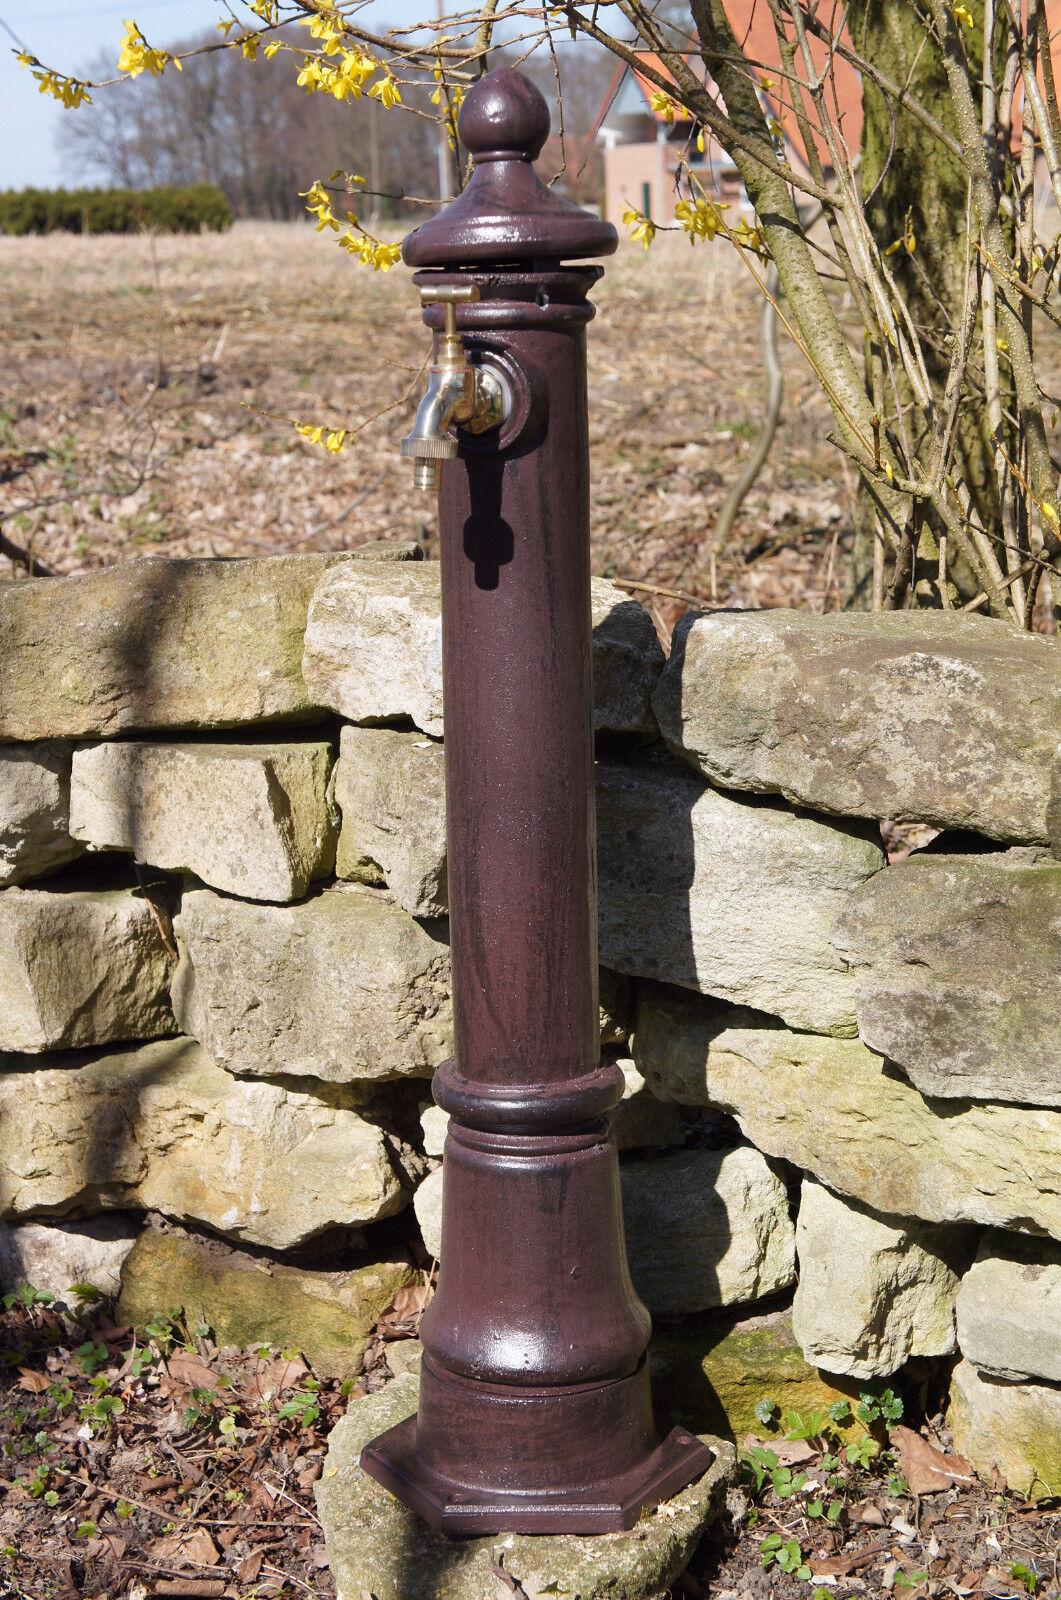 Garten Wasserzapfsäule Zapfstelle Cordon 100 Inkl Wasserhahn